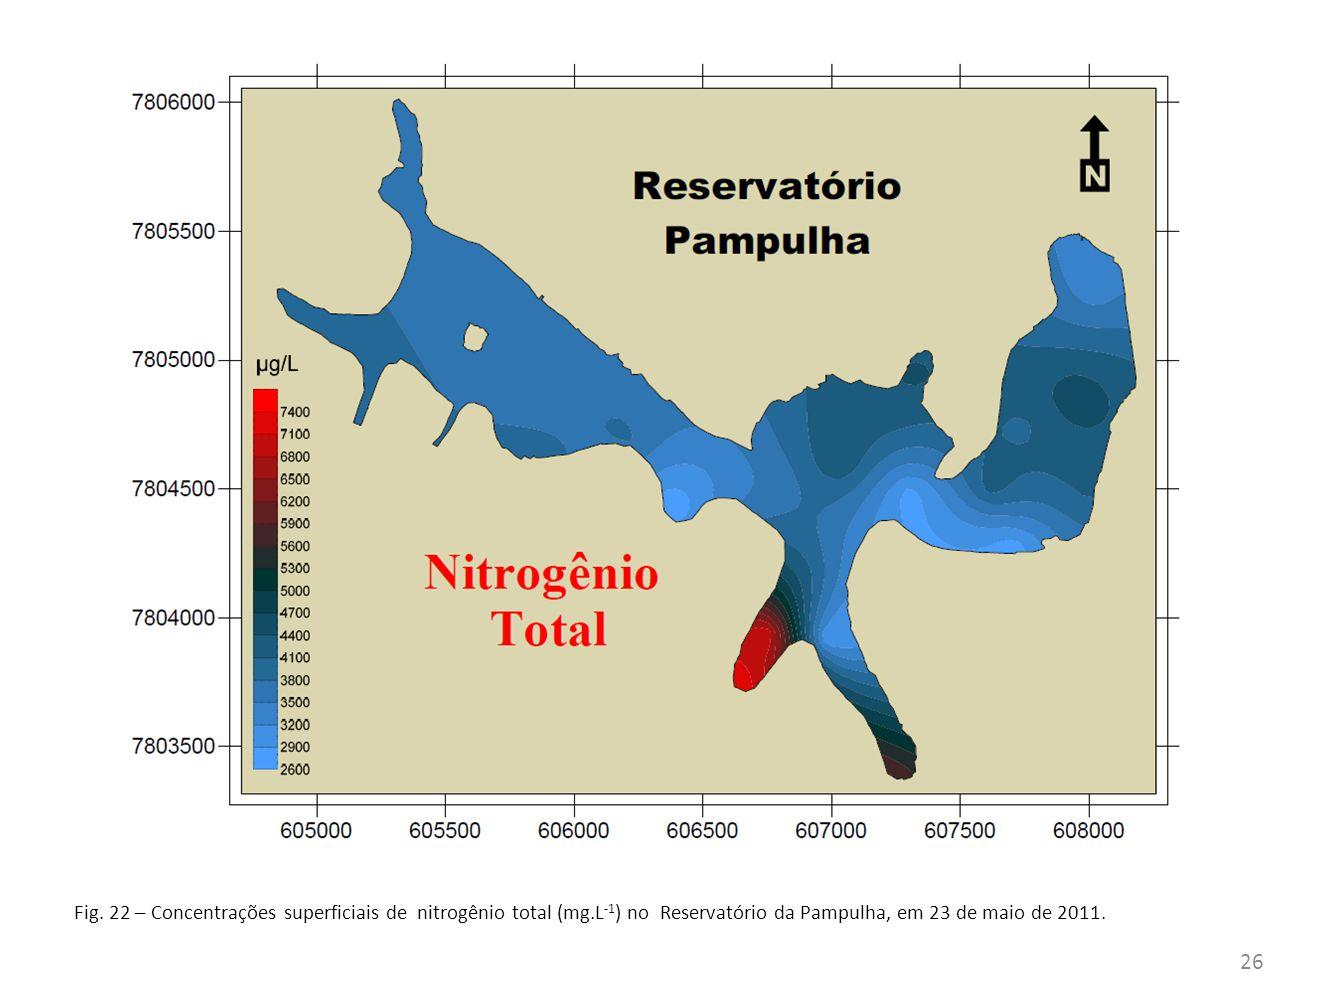 Fig. 22 – Concentrações superficiais de nitrogênio total (mg.L -1 ) no Reservatório da Pampulha, em 23 de maio de 2011. 26